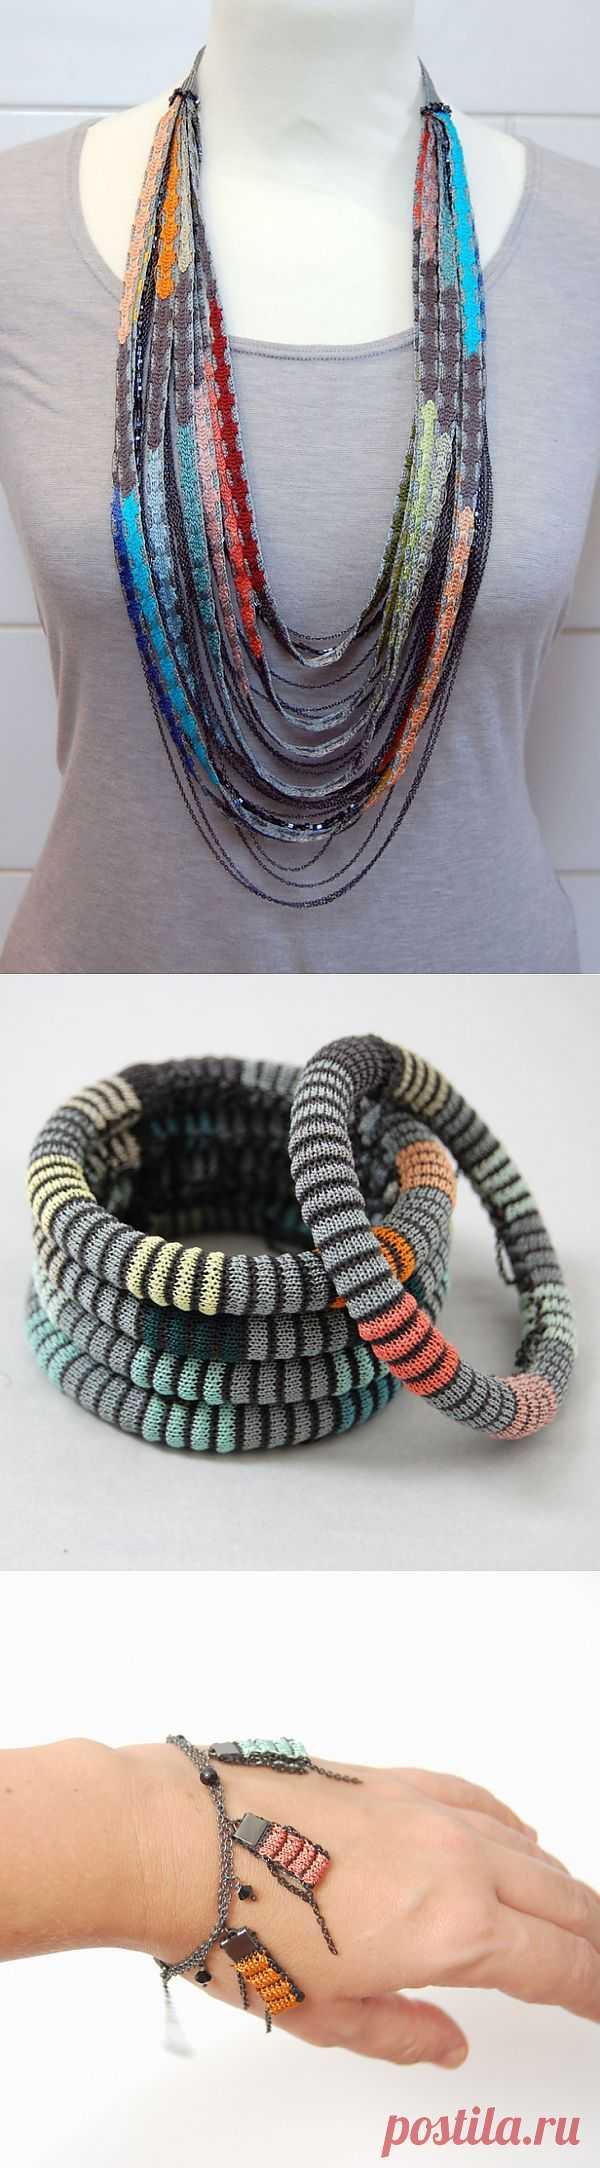 Текстильные украшения (трафик) / Украшения и бижутерия / Модный сайт о стильной переделке одежды и интерьера